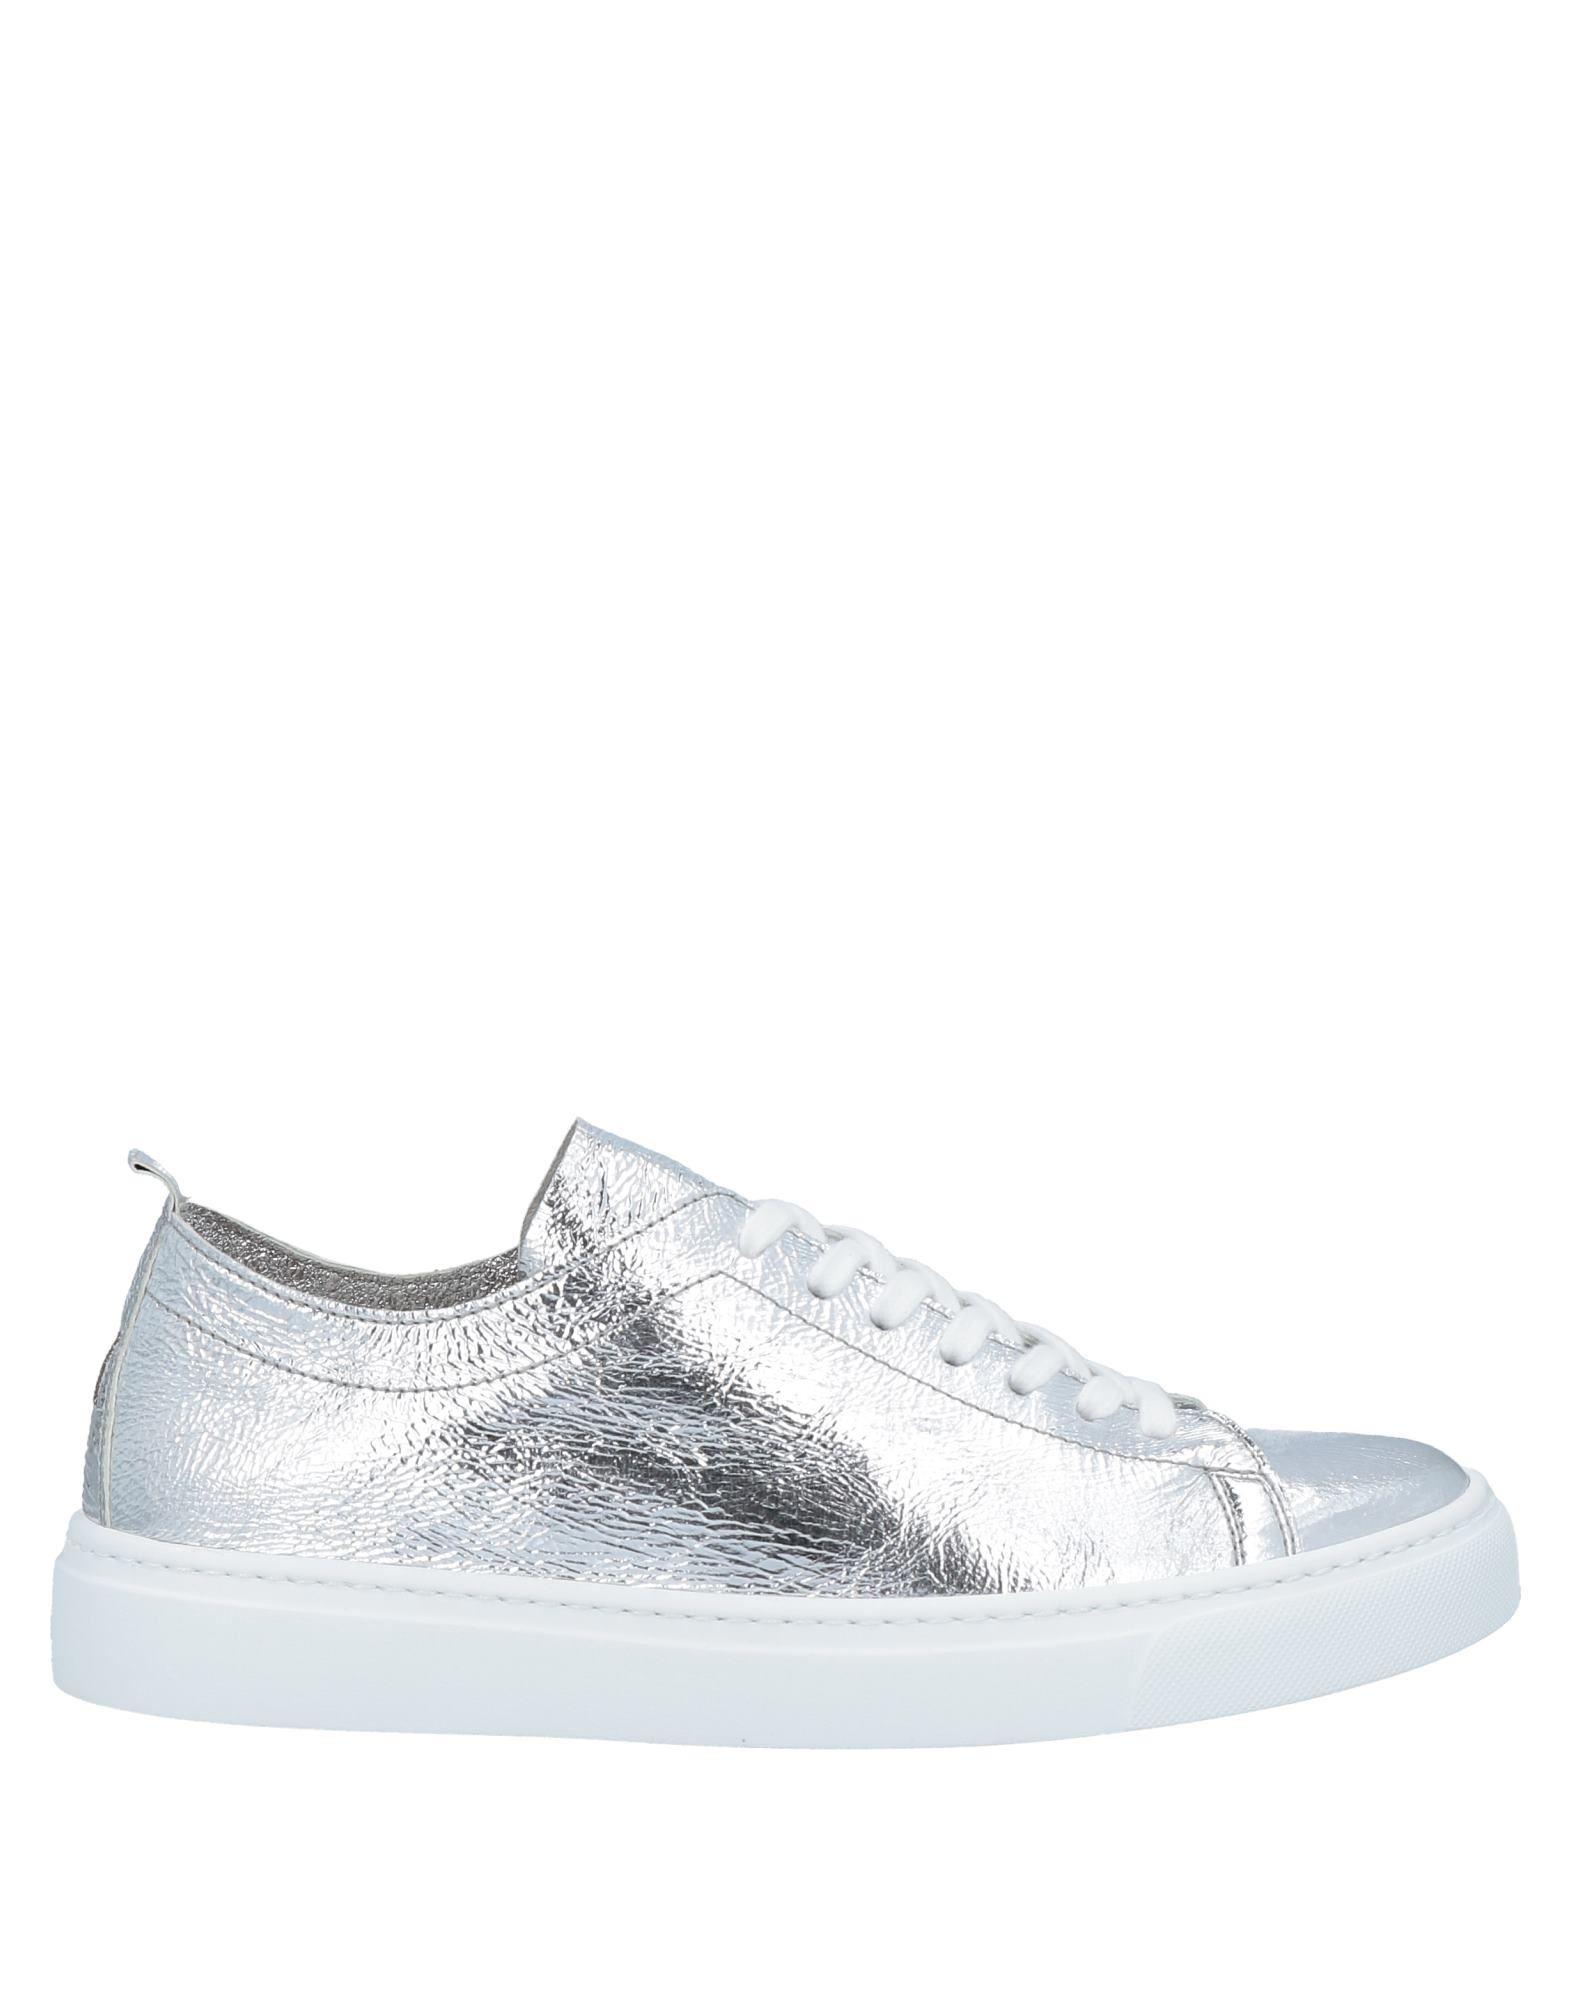 Henderson Baracco Sneakers In Silver